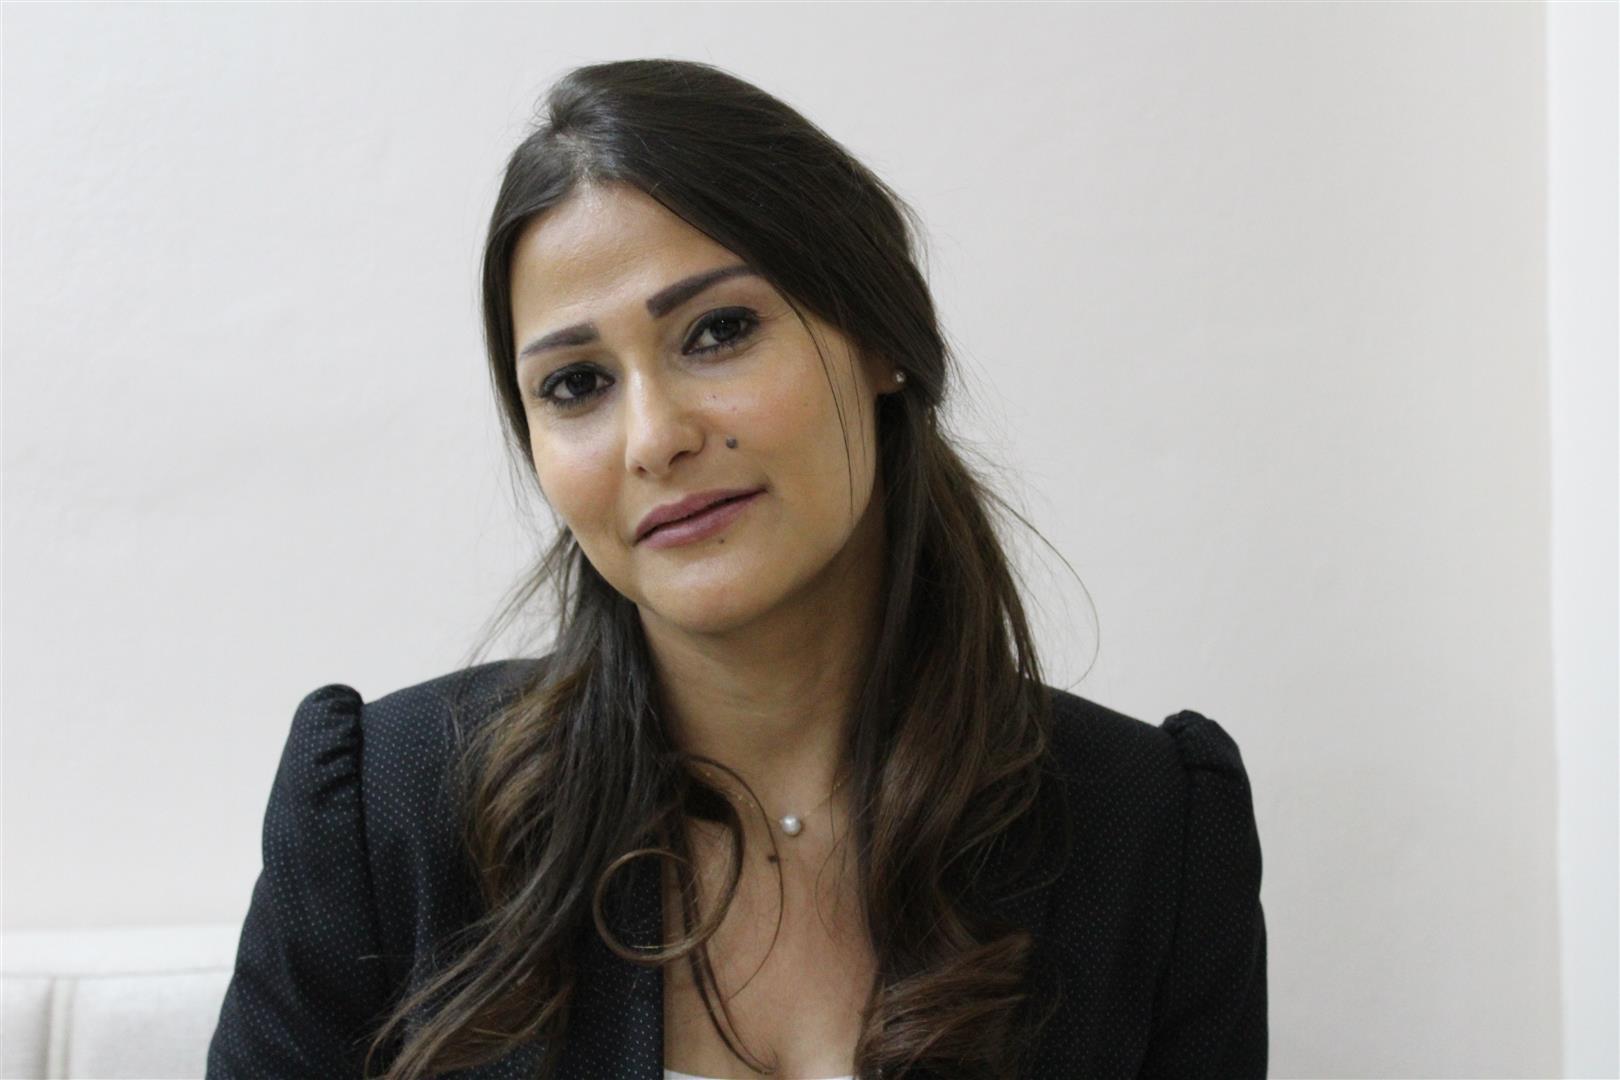 إعلامية لبنانية: سنعمل على عقد مؤتمر في لبنان لتبادل تجربة المرأة بشمال سوريا